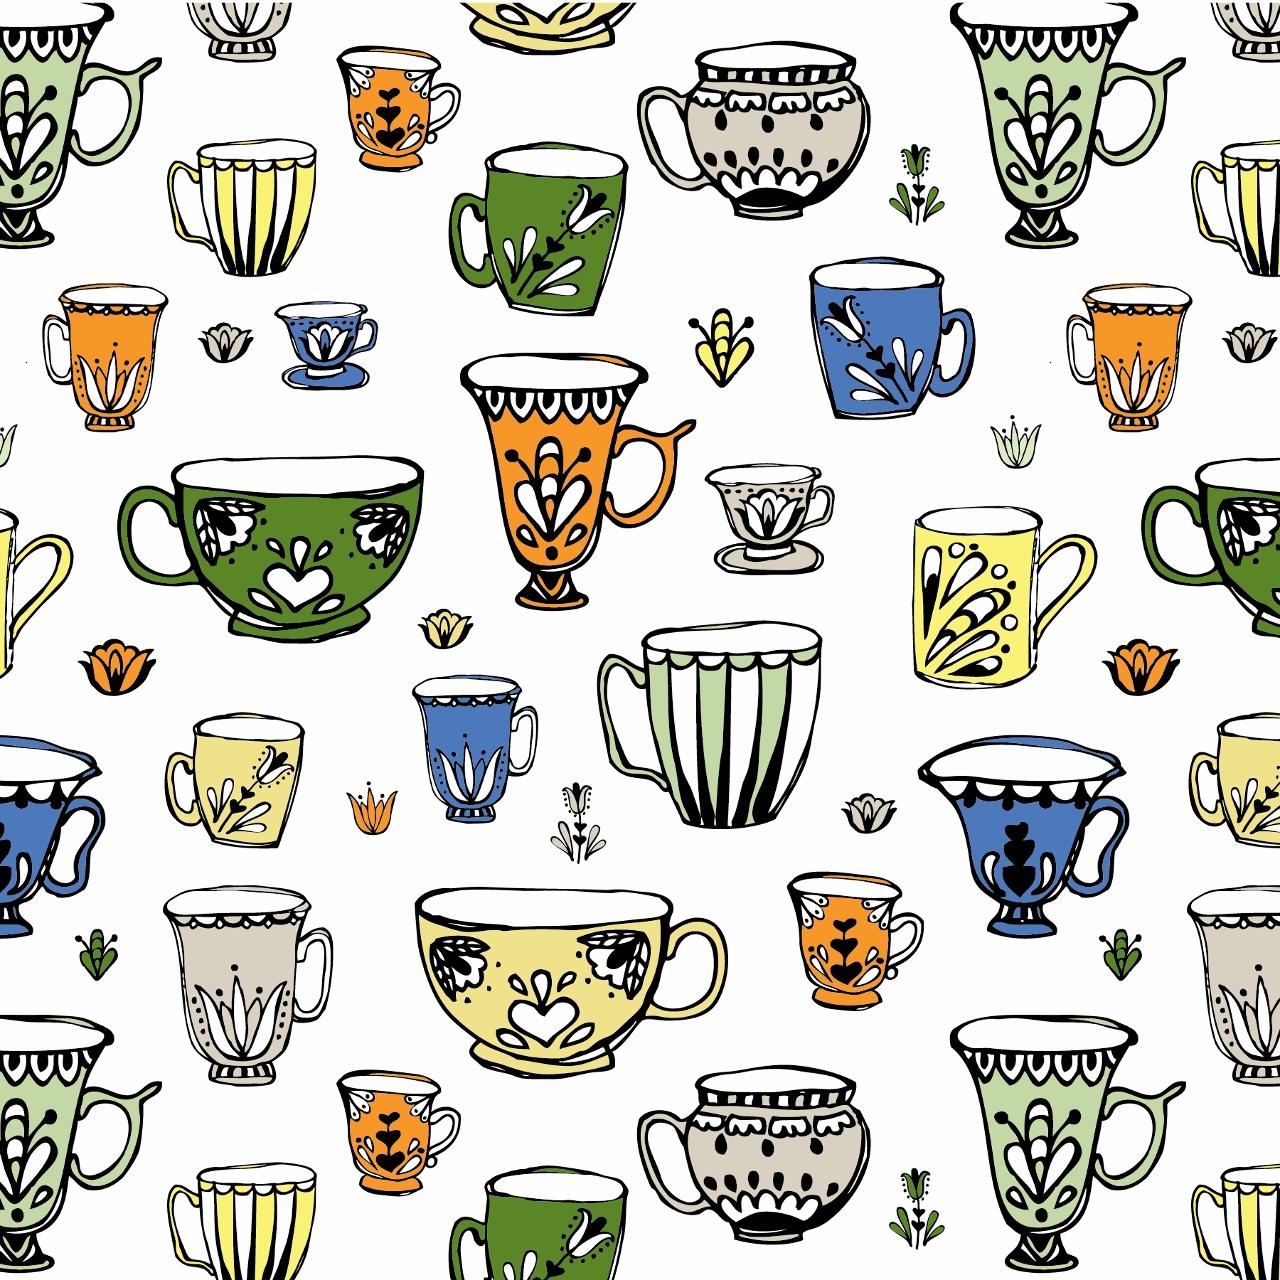 Herbalist Patterns Color 2-03 (1280x1280).jpg